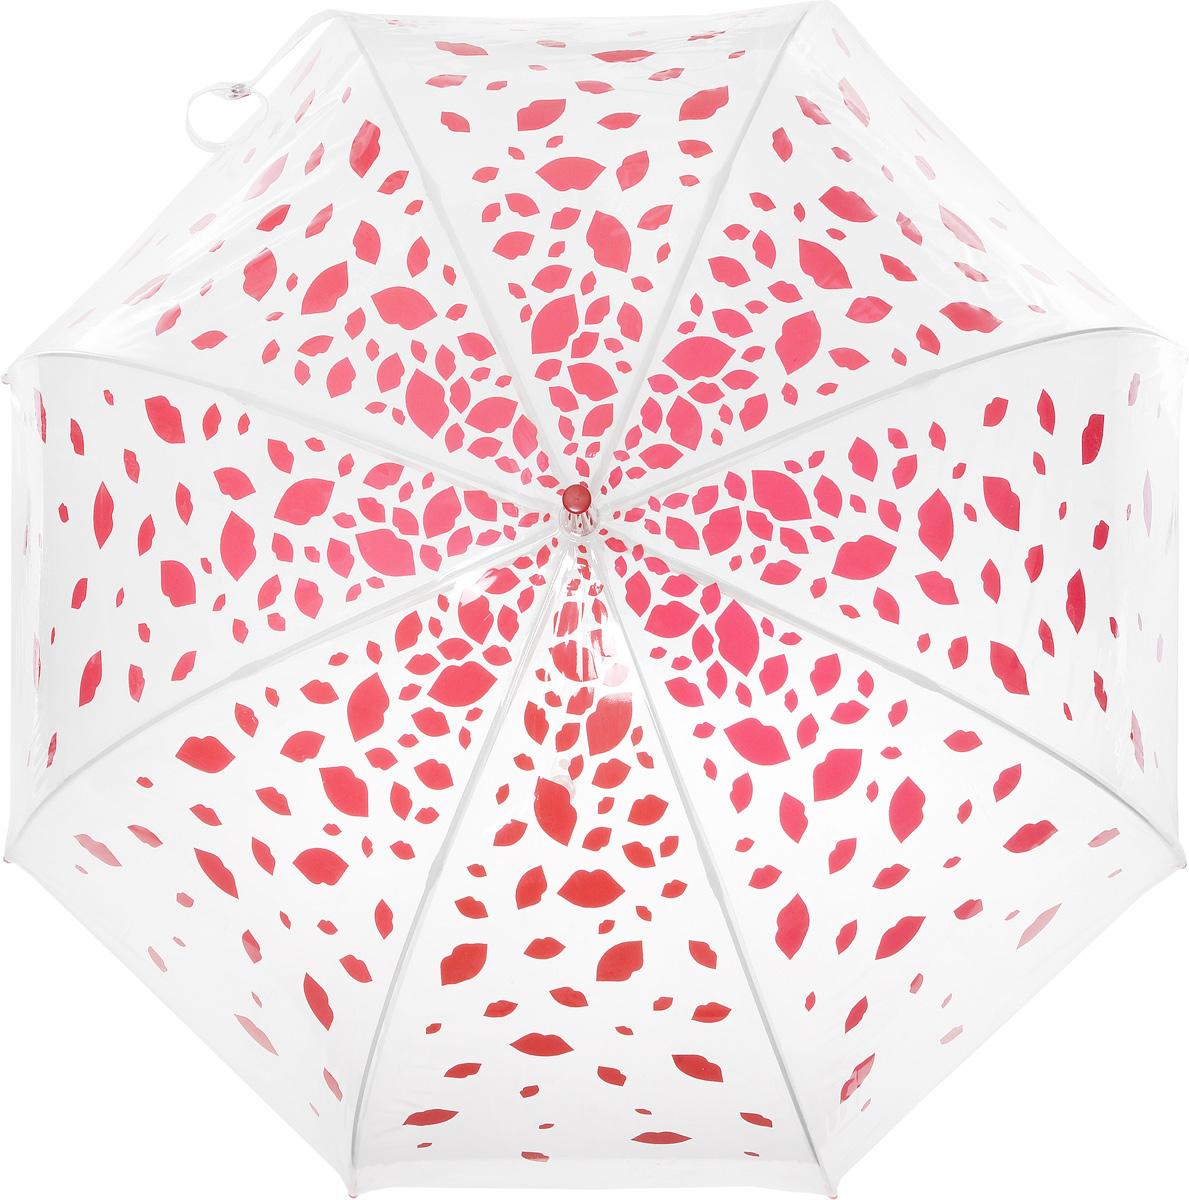 Зонт-трость женский Lulu Guinness Birdcage, механический, цвет: прозрачный, красный. L719-3177L719-3177 RainingLipsНеобычный механический зонт-трость Lulu Guinness Birdcage даже в ненастную погоду позволит вам оставаться модной и элегантной. Каркас зонта включает 8 спиц из фибергласса с пластиковыми наконечниками. Стержень изготовлен из стали. Купол зонта выполнен из высококачественного прозрачного ПВХ и оформлен принтом в виде губок. Изделие дополнено удобной прозрачной рукояткой из пластика с металлическим элементом в верхней части. Пластиковая часть наполнена жидкостью с яркими декоративными элементами в виде губок. Зонт механического сложения: купол открывается и закрывается вручную до характерного щелчка. Модель дополнительно застегивается с помощью хлястика на кнопку. Такой зонт не только надежно защитит вас от дождя, но и станет стильным аксессуаром, который идеально подчеркнет ваш неповторимый образ.